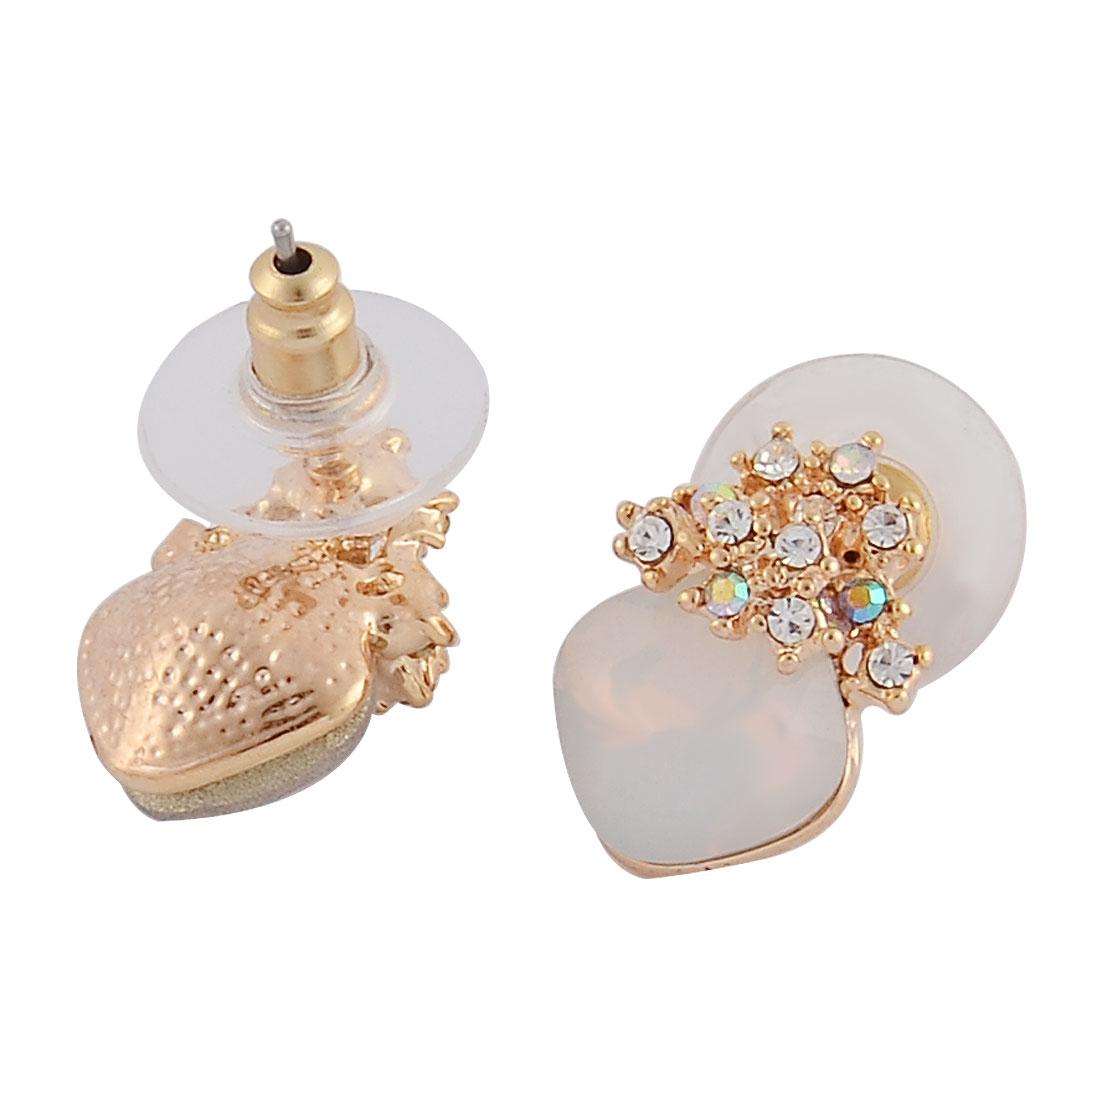 Women Rhombus Shaped Faux Crystal Inlaid Metal Pierced Pin Stud Earrings Pair